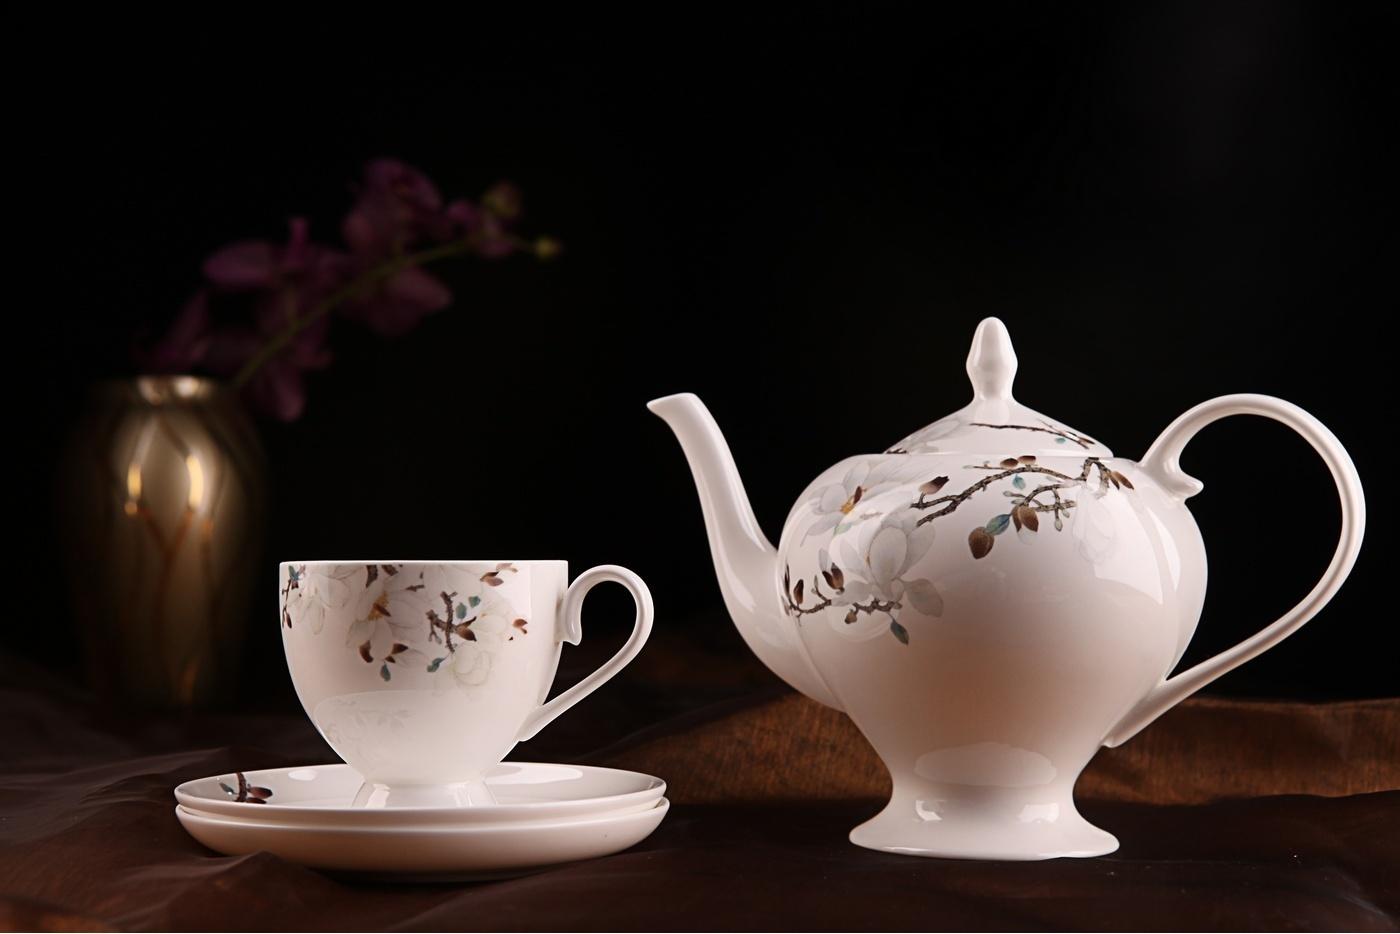 Чайный сервиз Royal Aurel Магнолия арт.104, 15 предметовЧайные сервизы<br>Чайныйсервиз Royal Aurel Магнолия арт.104, 15предметов<br><br><br><br><br><br><br><br><br><br><br><br>Чашка 270 мл,6 шт.<br>Блюдце 15 см,6 шт.<br>Чайник 1100 мл<br>Сахарница 370 мл<br><br><br><br><br><br><br><br><br>Молочник 300 мл<br><br><br><br><br><br><br><br><br>Производить посуду из фарфора начали в Китае на стыке 6-7 веков. Неустанно совершенствуя и селективно отбирая сырье для производства посуды из фарфора, мастерам удалось добиться выдающихся характеристик фарфора: белизны и тонкостенности. В XV веке появился особый интерес к китайской фарфоровой посуде, так как в это время Европе возникла мода на самобытные китайские вещи. Роскошный китайский фарфор являлся изыском и был в новинку, поэтому он выступал в качестве подарка королям, а также знатным людям. Такой дорогой подарок был очень престижен и по праву являлся элитной посудой. Как известно из многочисленных исторических документов, в Европе китайские изделия из фарфора ценились практически как золото. <br>Проверка изделий из костяного фарфора на подлинность <br>По сравнению с производством других видов фарфора процесс производства изделий из настоящего костяного фарфора сложен и весьма длителен. Посуда из изящного фарфора - это элитная посуда, которая всегда ассоциируется с богатством, величием и благородством. Несмотря на небольшую толщину, фарфоровая посуда - это очень прочное изделие. Для демонстрации плотности и прочности фарфора можно легко коснуться предметов посуды из фарфора деревянной палочкой, и тогда мы услушим характерный металлический звон. В составе фарфоровой посуды присутствует костяная зола, благодаря чему она может быть намного тоньше (не более 2,5 мм) и легче твердого или мягкого фарфора. Безупречная белизна - ключевой признак отличия такого фарфора от других. Цвет обычного фарфора сероватый или ближе к голубоватому, а костяной фарфор будет всегда будет молочно-белого цвета. Характерная и немаловажная деталь - это